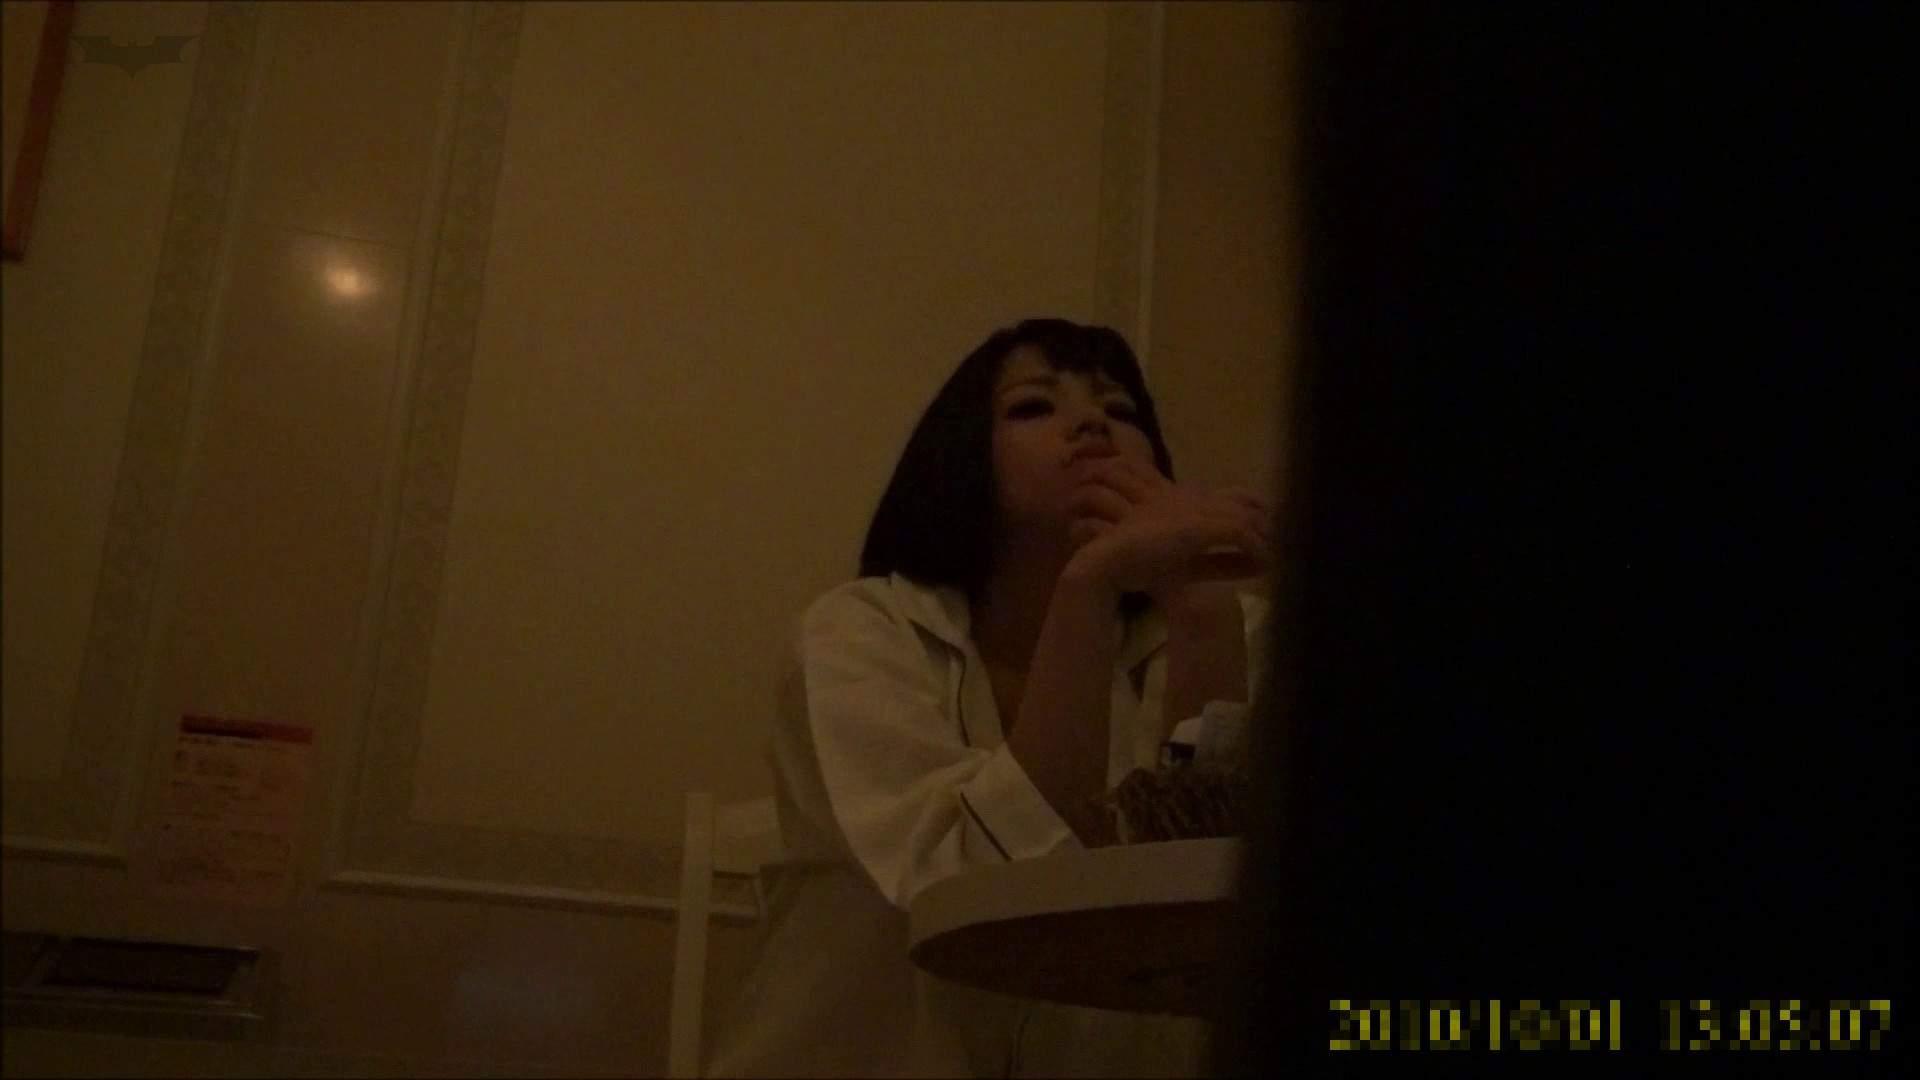 【未公開】vol.96 {茶髪→黒髪ギャル}美巨乳アミちゃん③【前編】 OLハメ撮り  83Pix 10